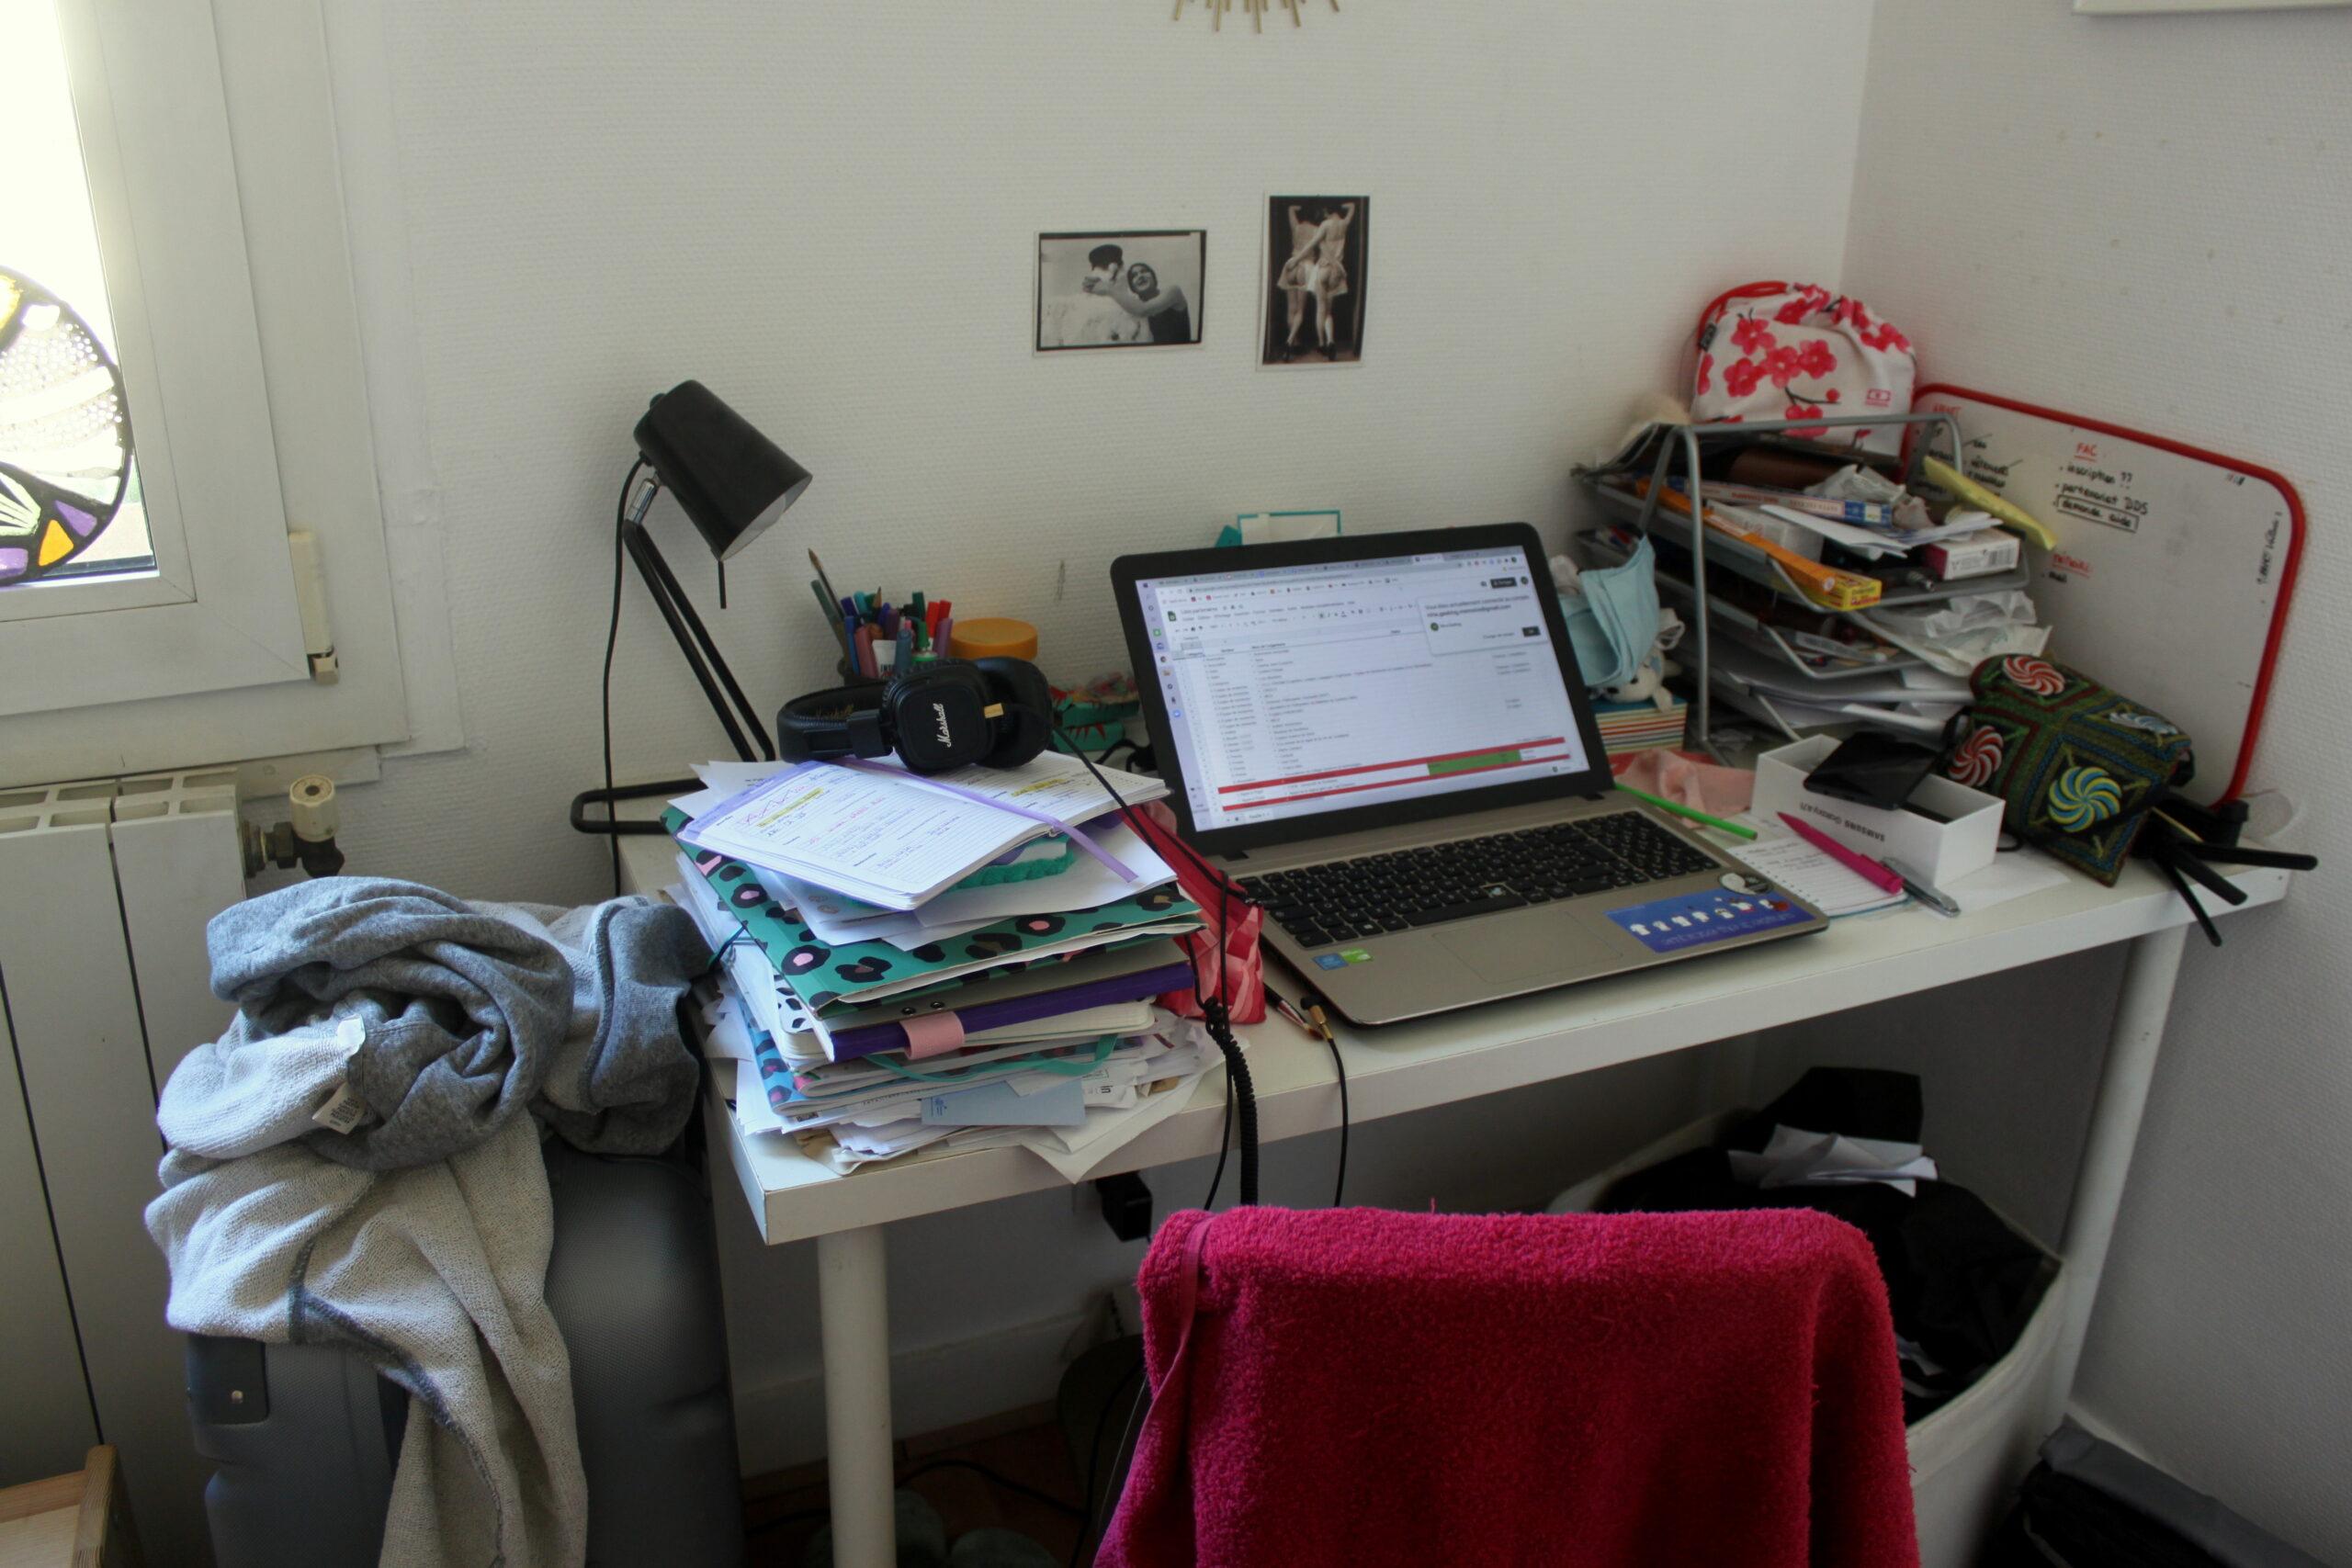 Le bureau de Nina. Il est très désorganisé. Un ordinateur allumé est au milieu. Il est entouré de nombreux papiers, cahiers et objets.